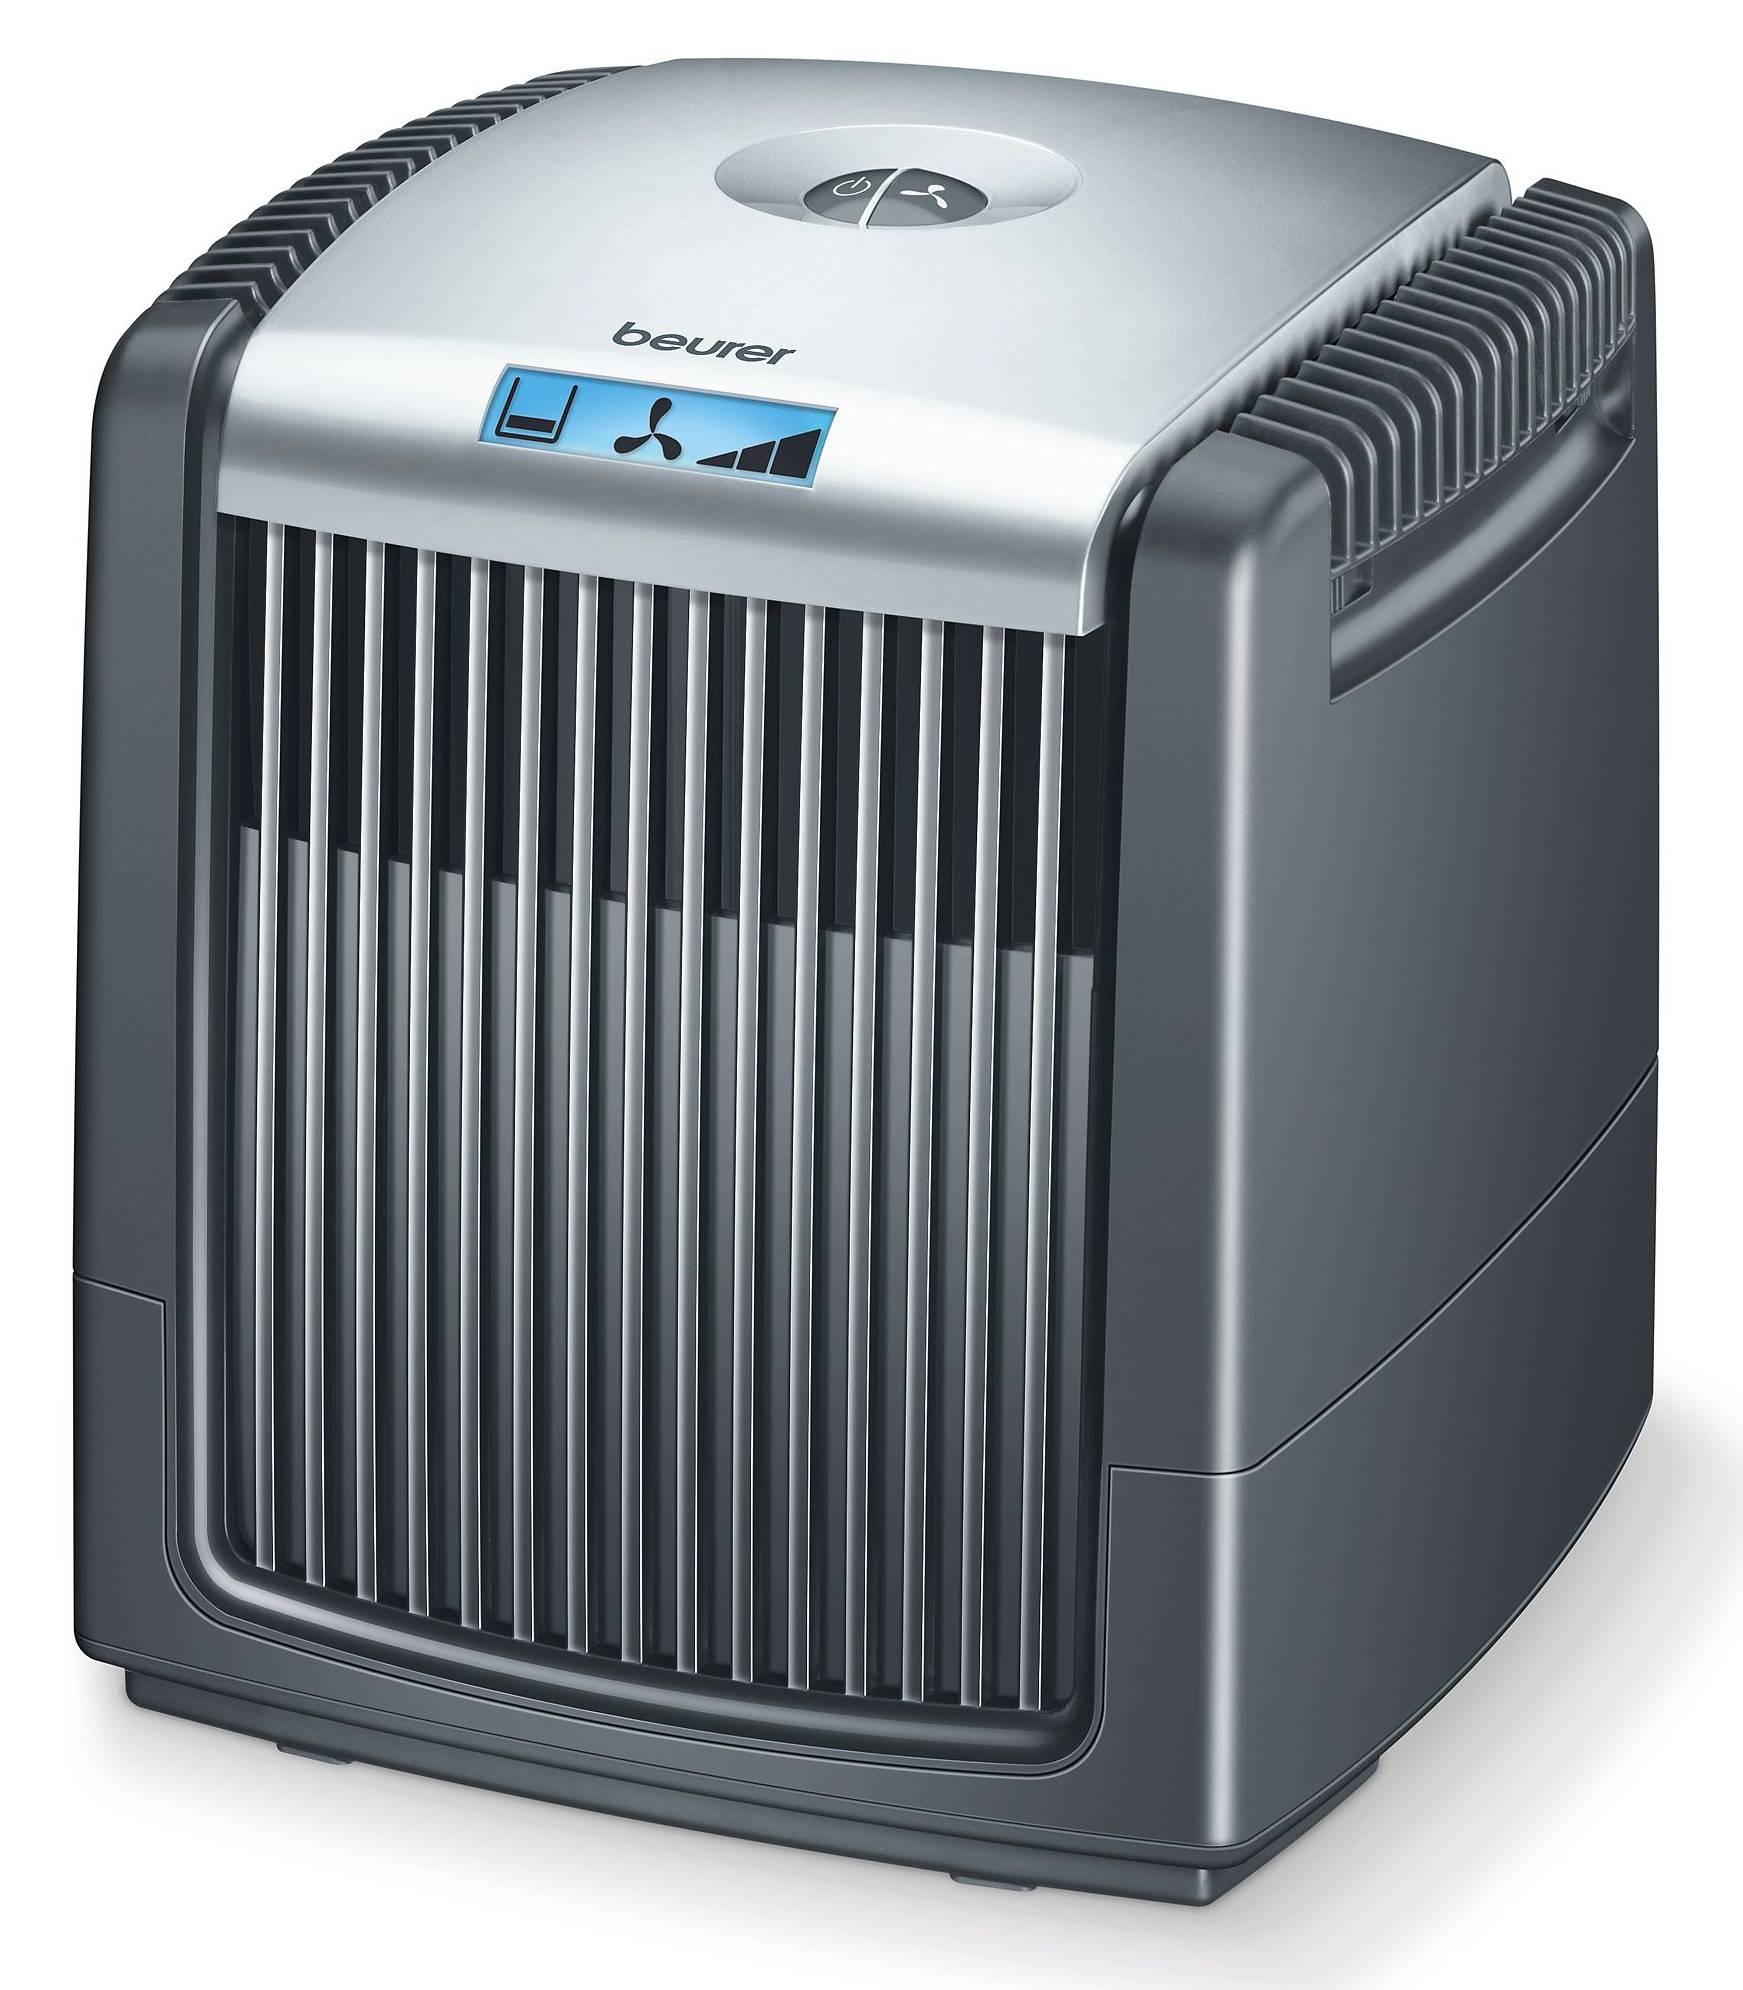 Воздухоочиститель Beurer LW220 4Вт черный (660.16) - фото 1